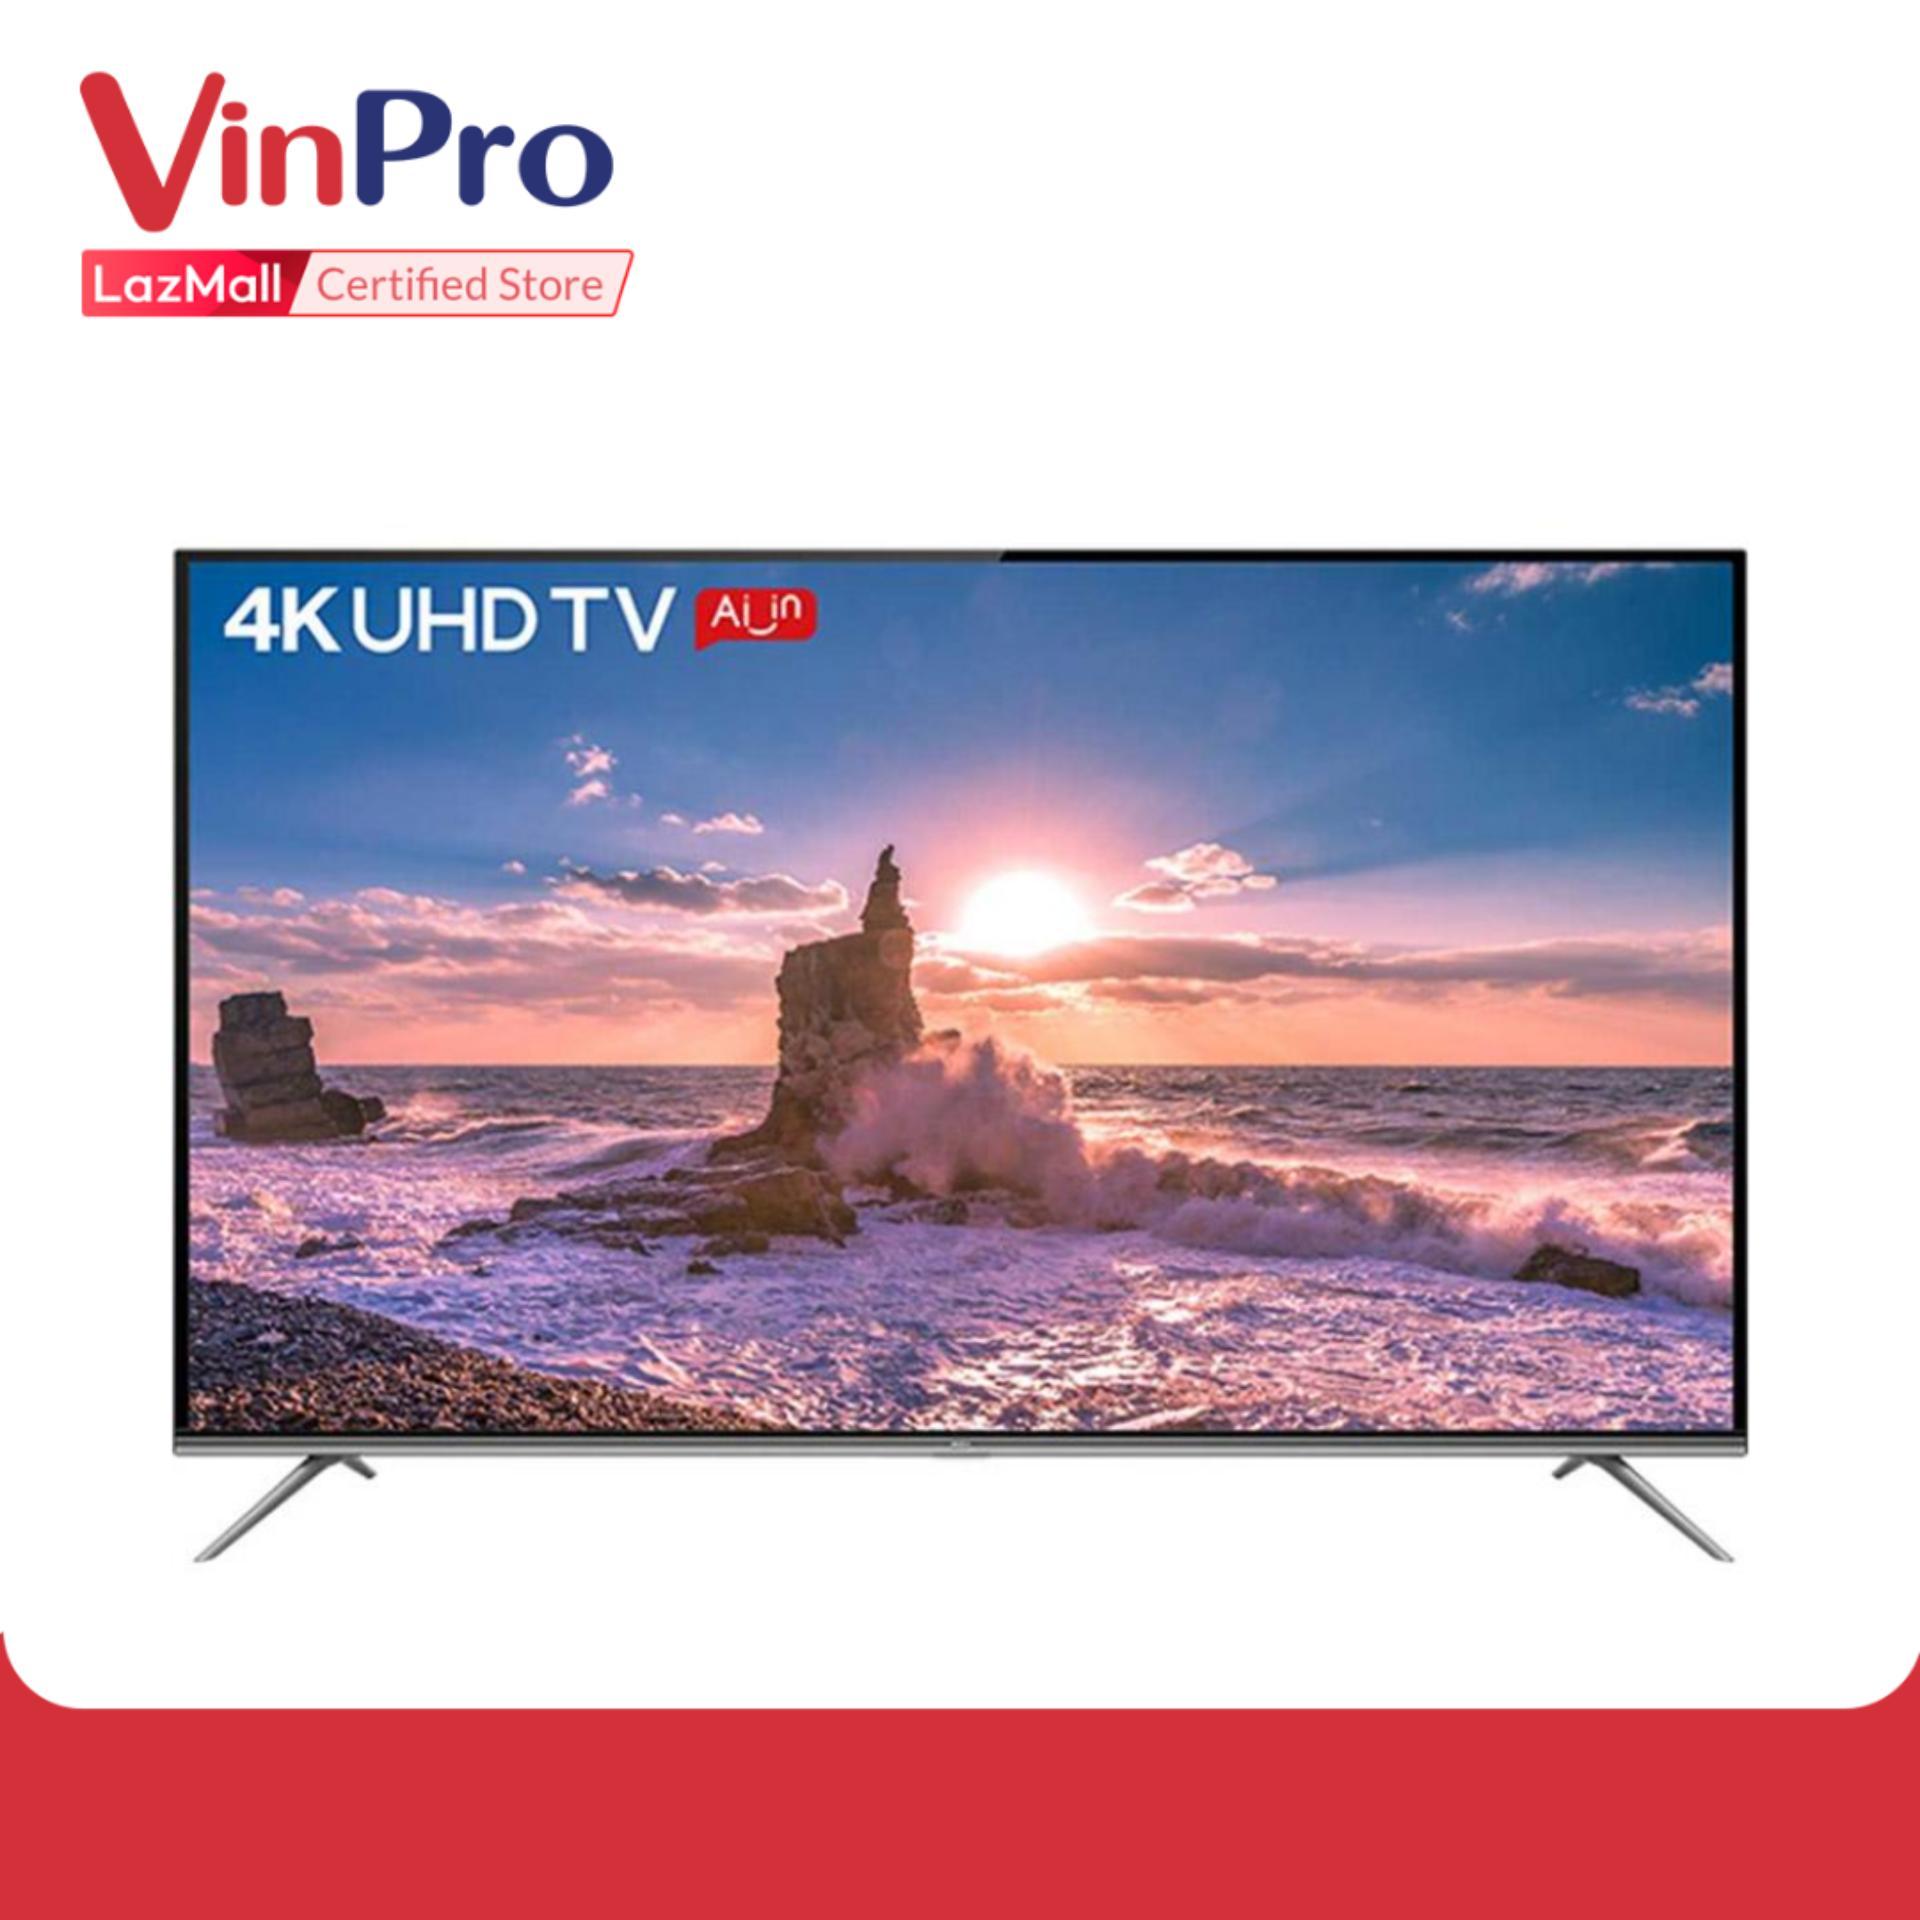 Bảng giá Smart Tivi TCL 4K 43 Inch L43P8 - Hàng chính hãng - Hệ điều hành Android, kết nối mạng LAN, Wifi - Bảo hành 2 năm